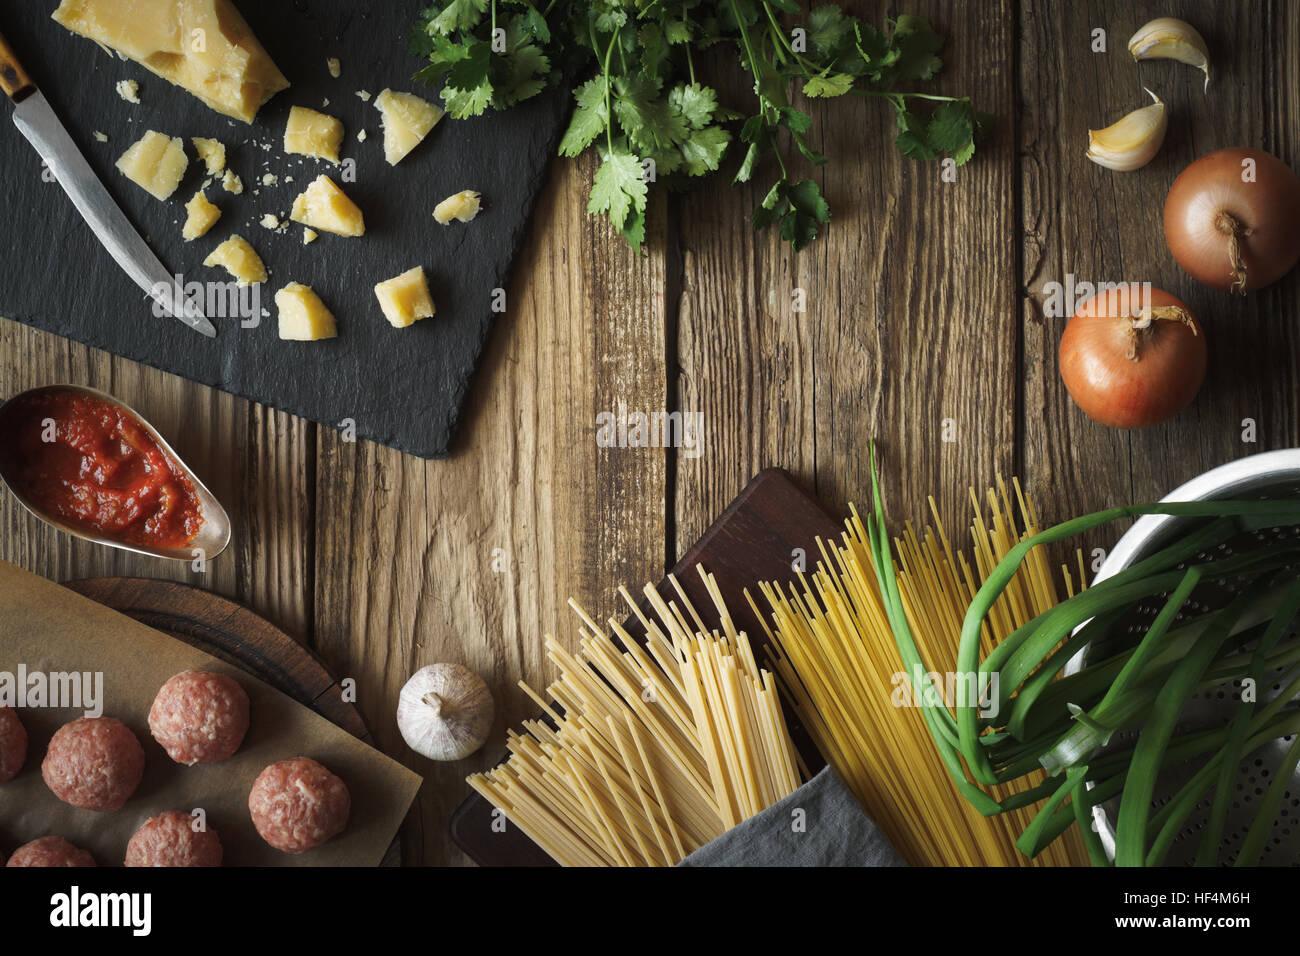 Ingrédients pour la cuisson des spaghettis, des boulettes de fromage et d'herbes fraîches copie espace Photo Stock